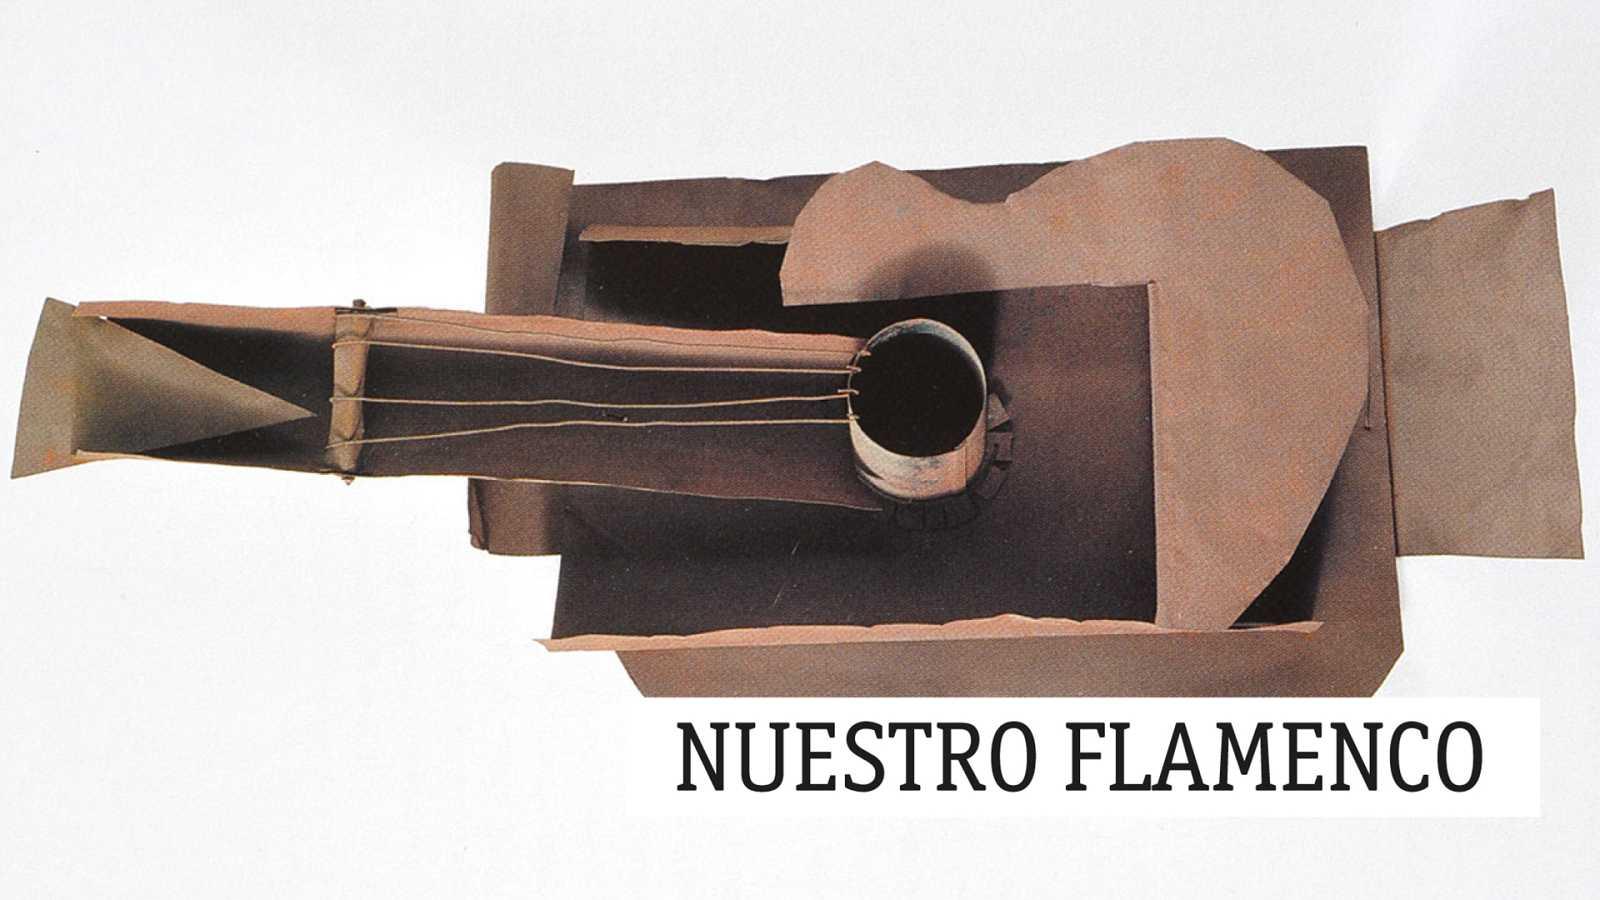 Nuestro flamenco - Paco Cepero y sus vivencias - 22/06/21 - escuchar ahora